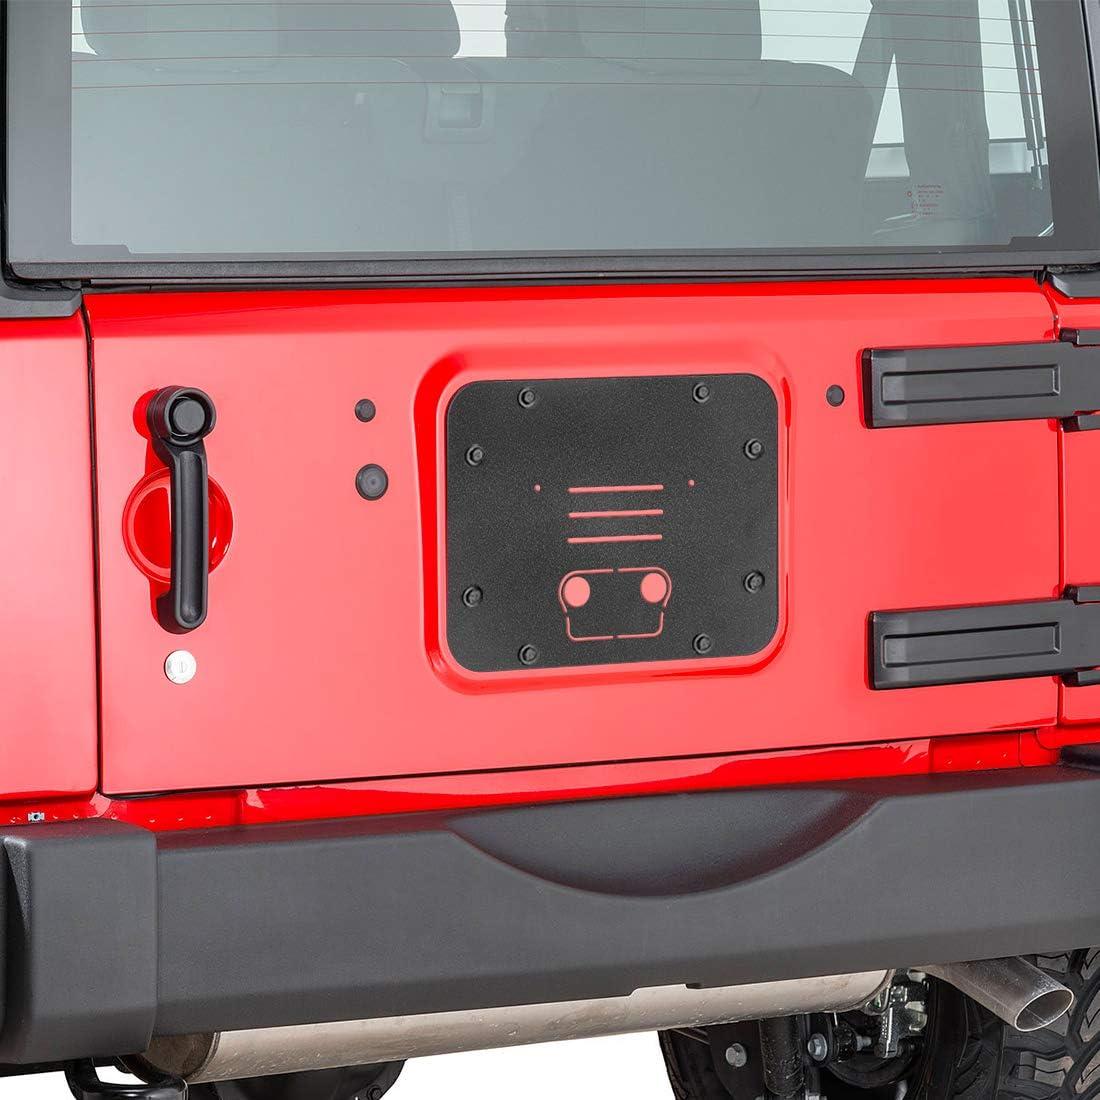 SUPAREE Spare Tire Delete Bracket for Original High Brake Light Fit for 2007-2018 Jeep Wrangler JK /& Unlimited